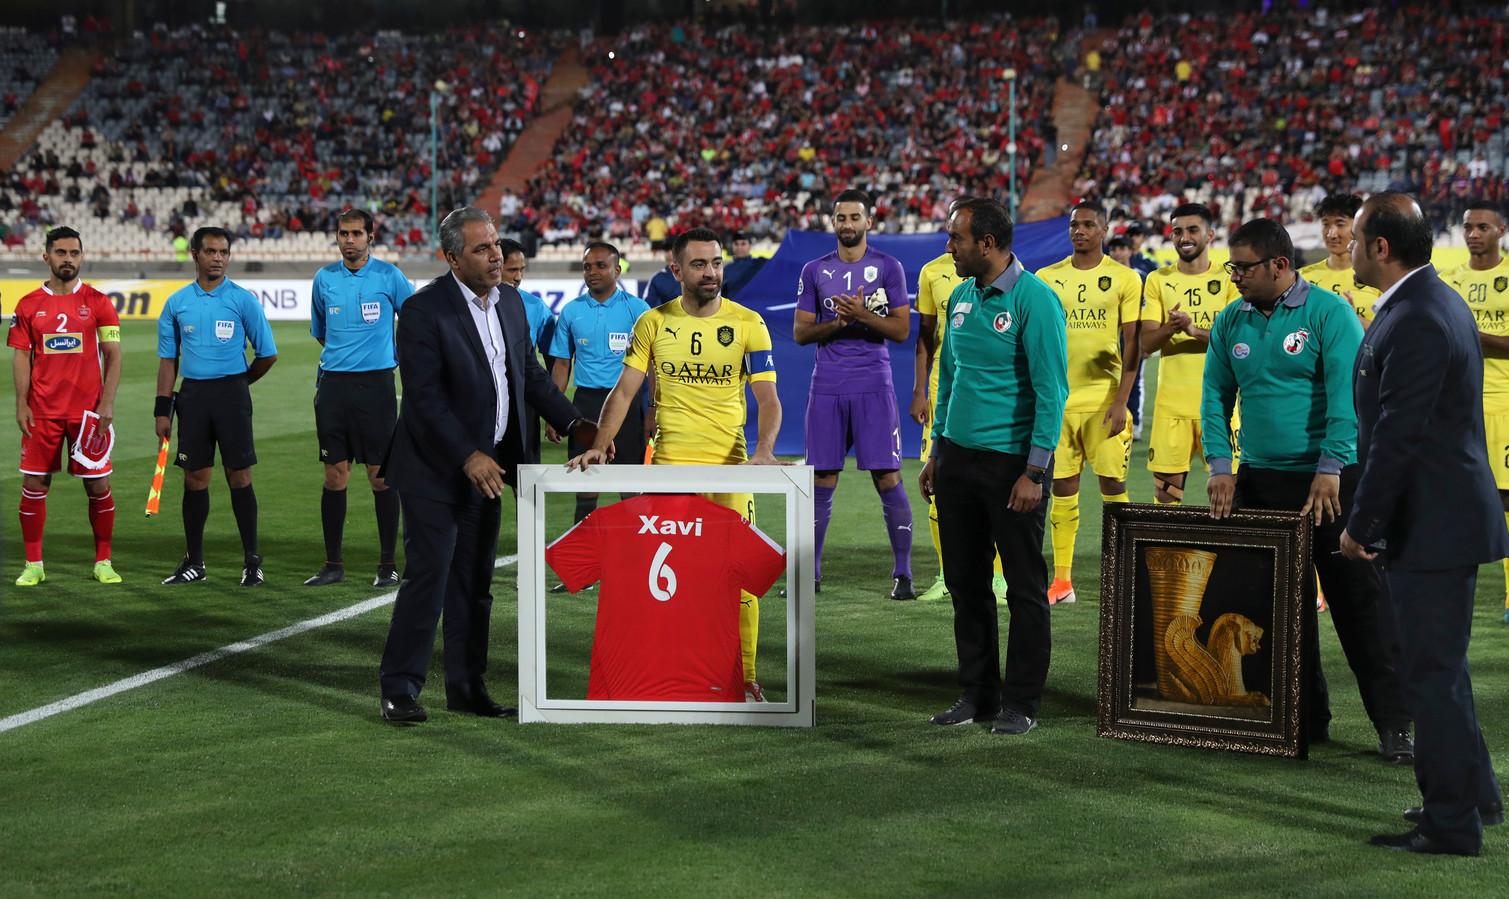 Xavi Hernandez' neemt afscheid als profvoetballer bij de AFC Champions League-wedstrijd Al-Sadd - Persepolis.